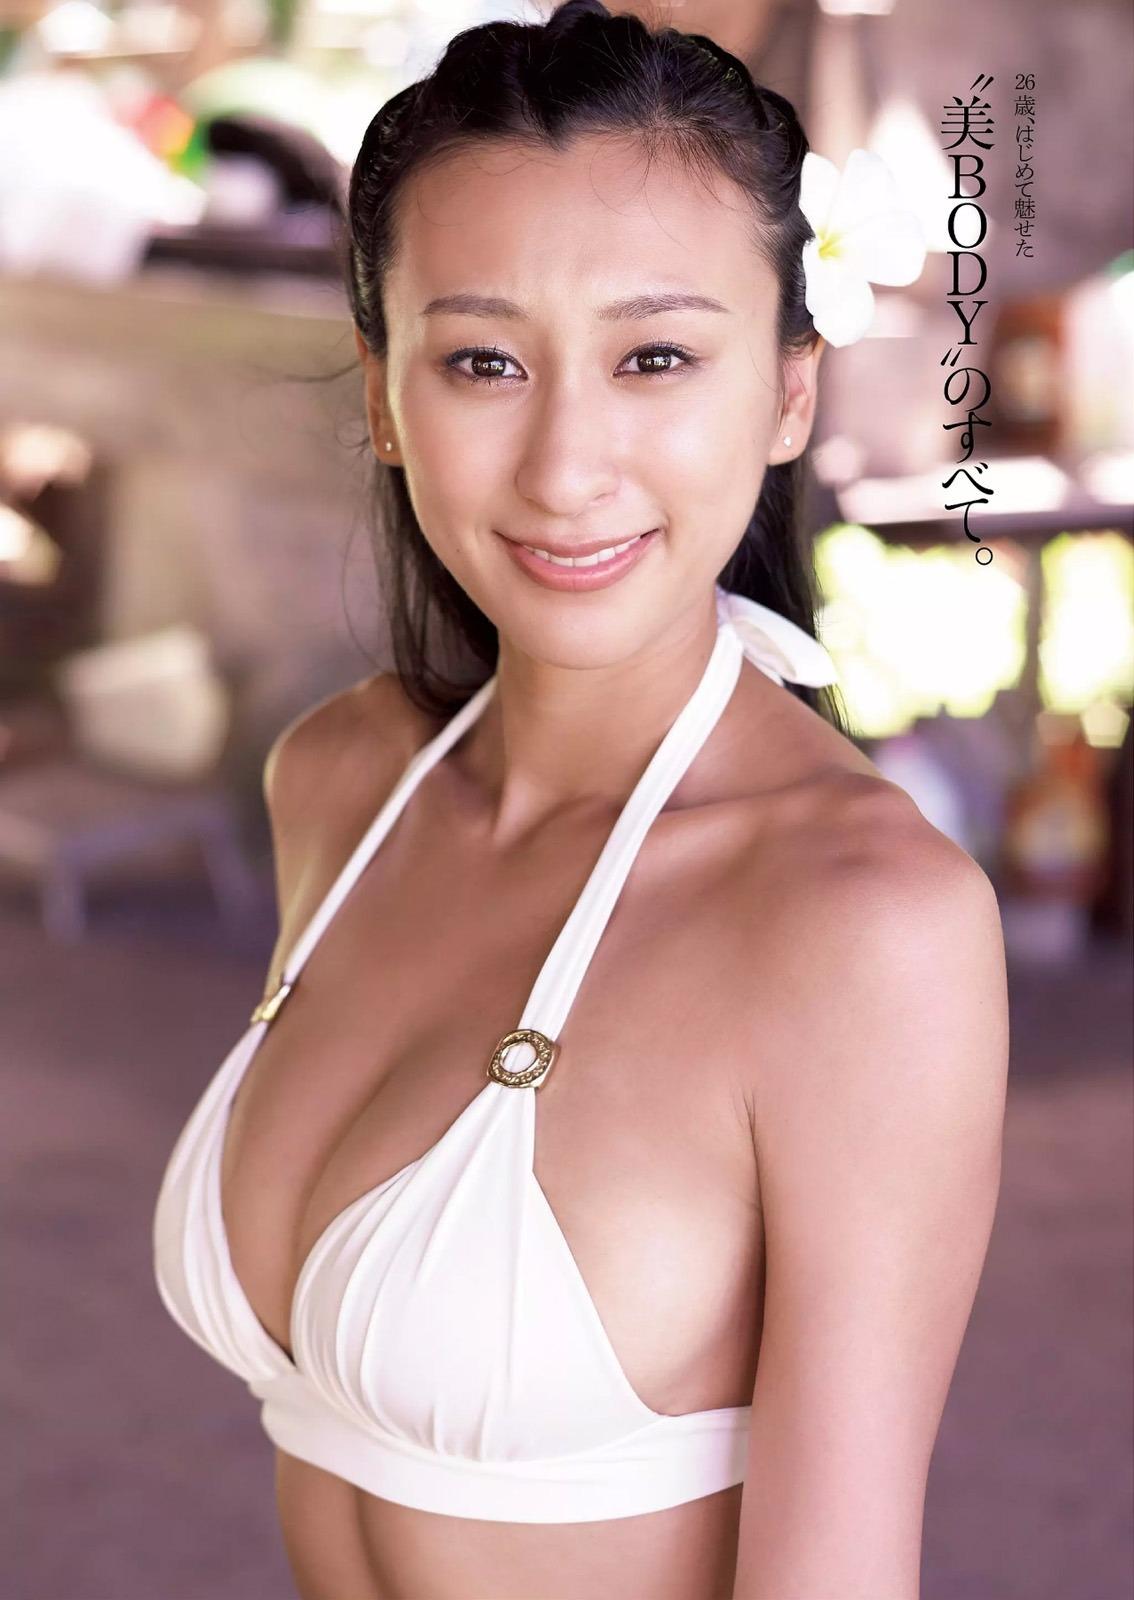 【スケート】浅田舞 [転載禁止]©bbspink.comYouTube動画>2本 ->画像>1254枚